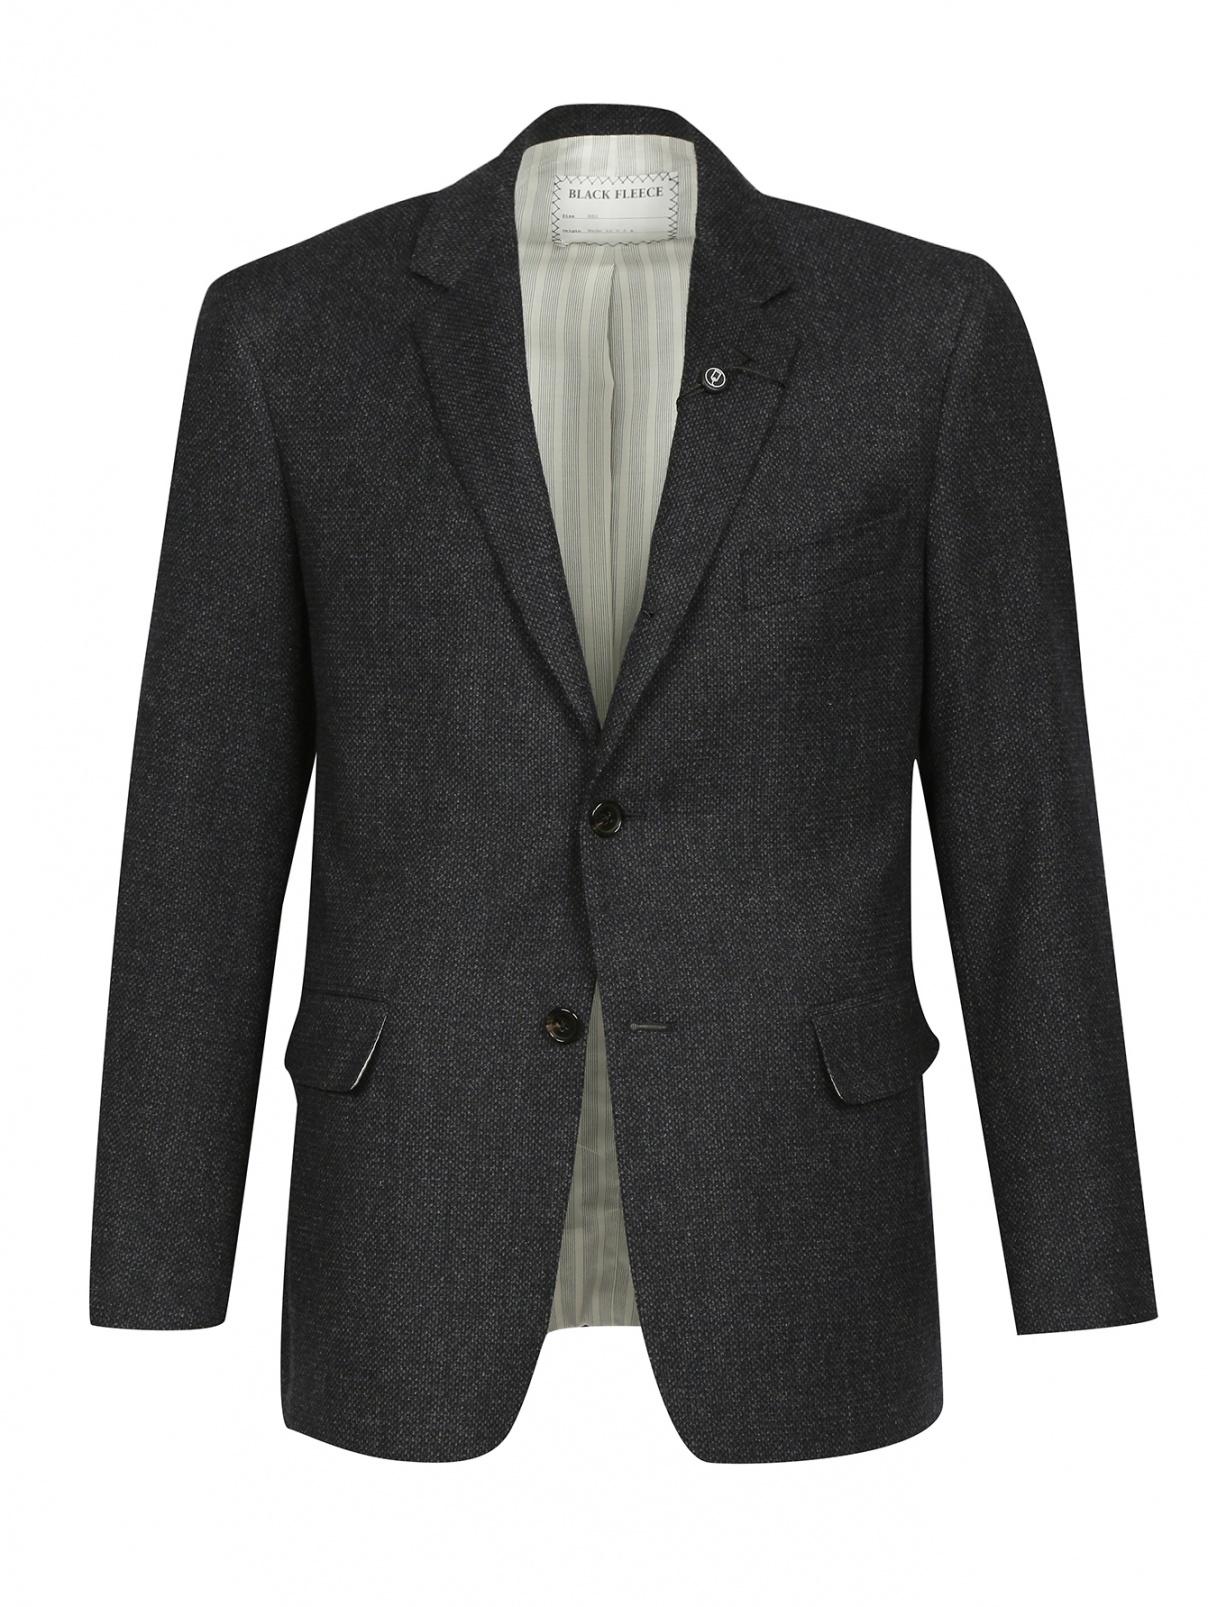 Однобортный пиджак из шерсти и шелка Brooks Brothers  –  Общий вид  – Цвет:  Синий